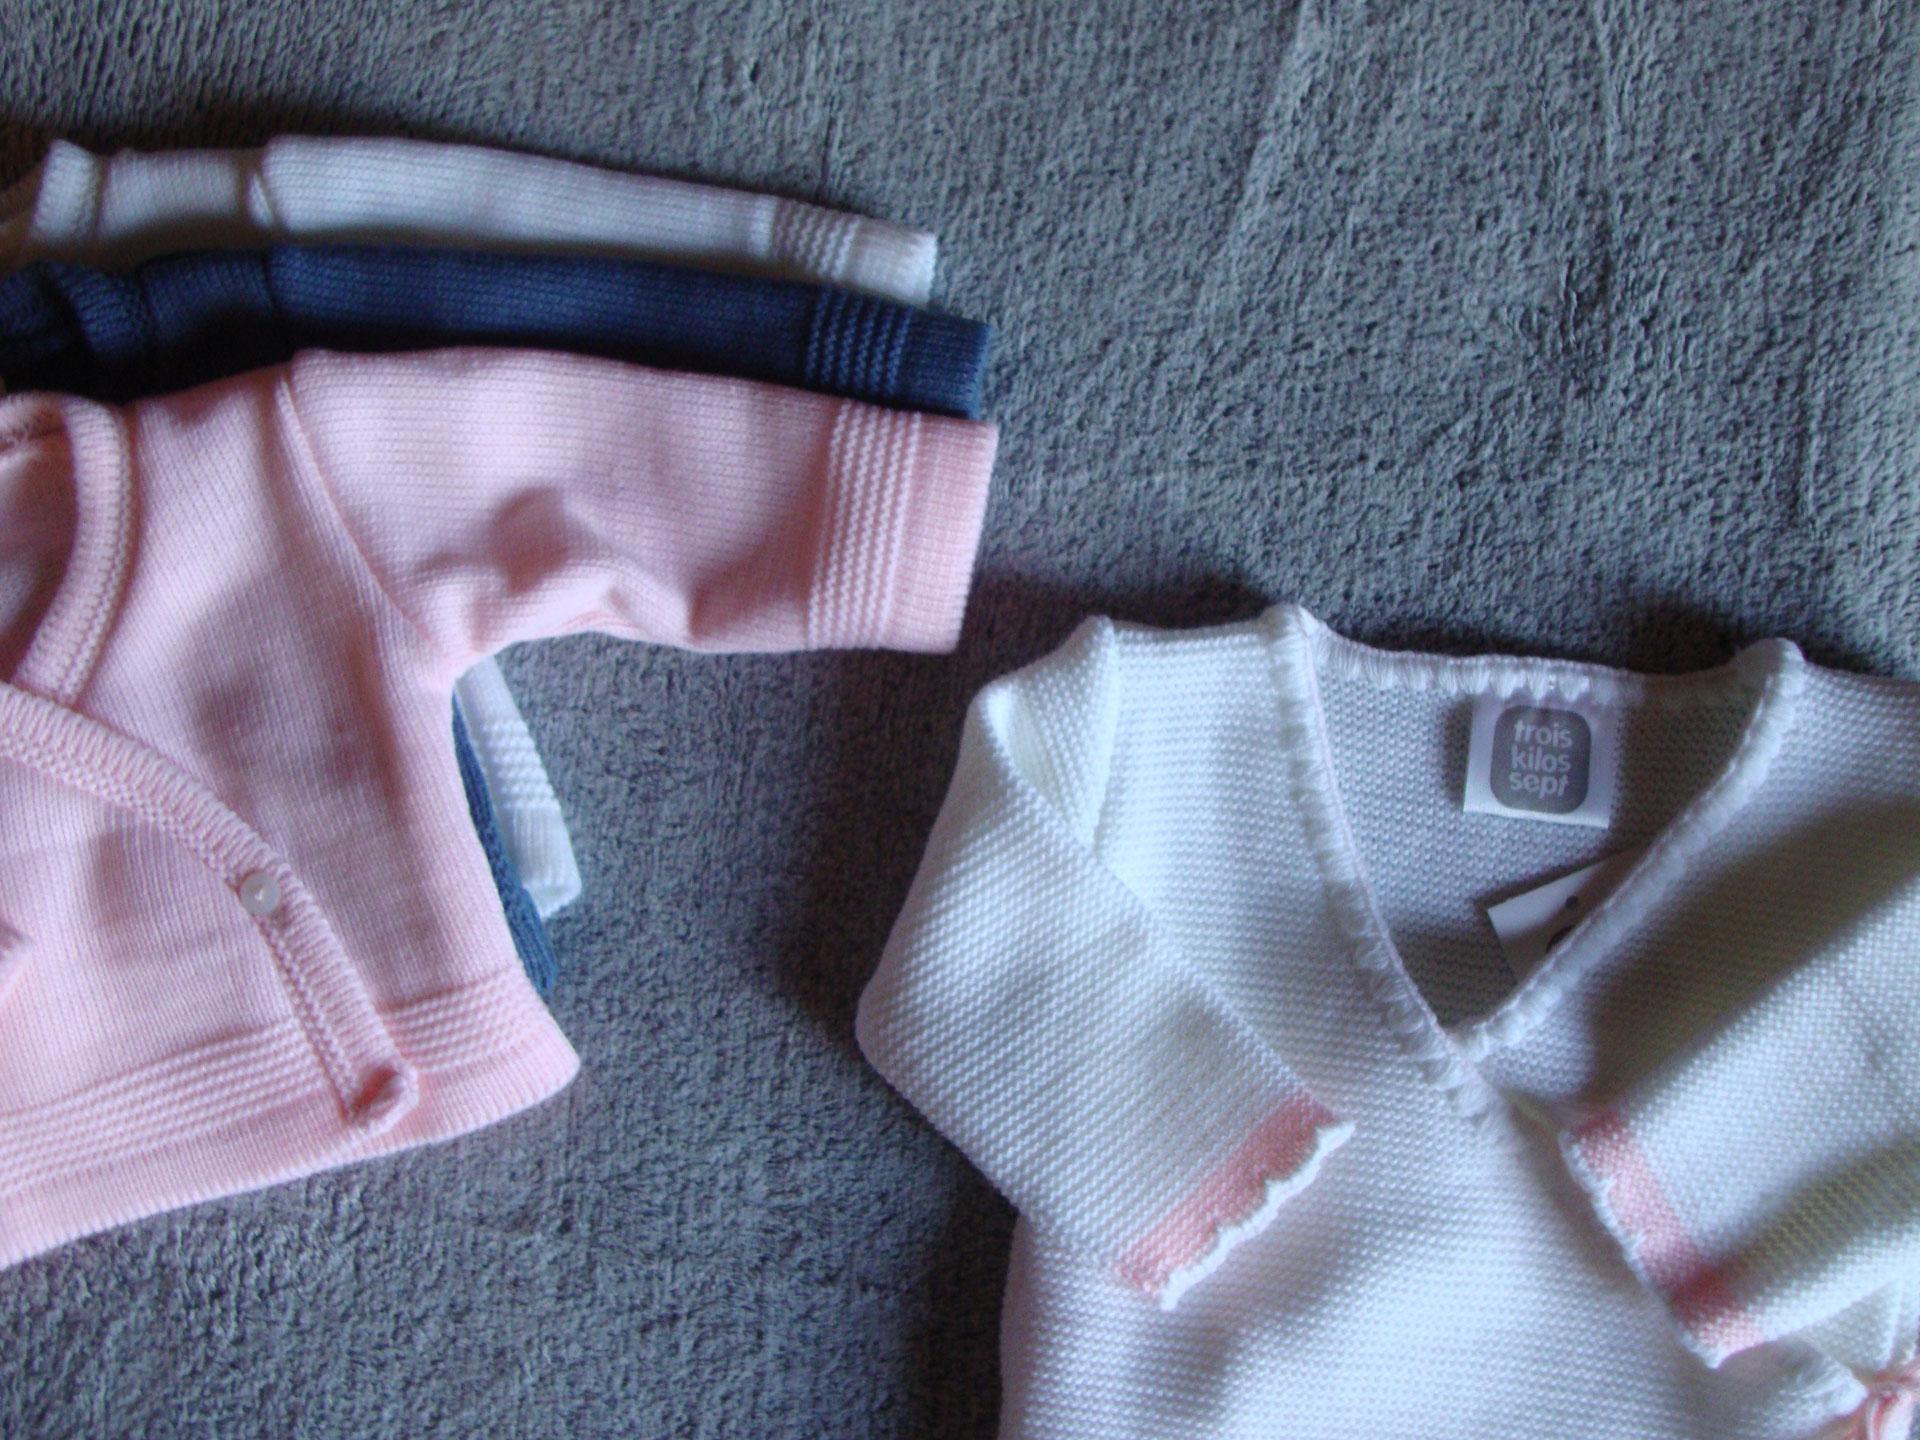 ba03f3baa43c2 brassières et cardigans bébé - Vêtements bébés prématurés et nouveaux nés.  Ptitpanda